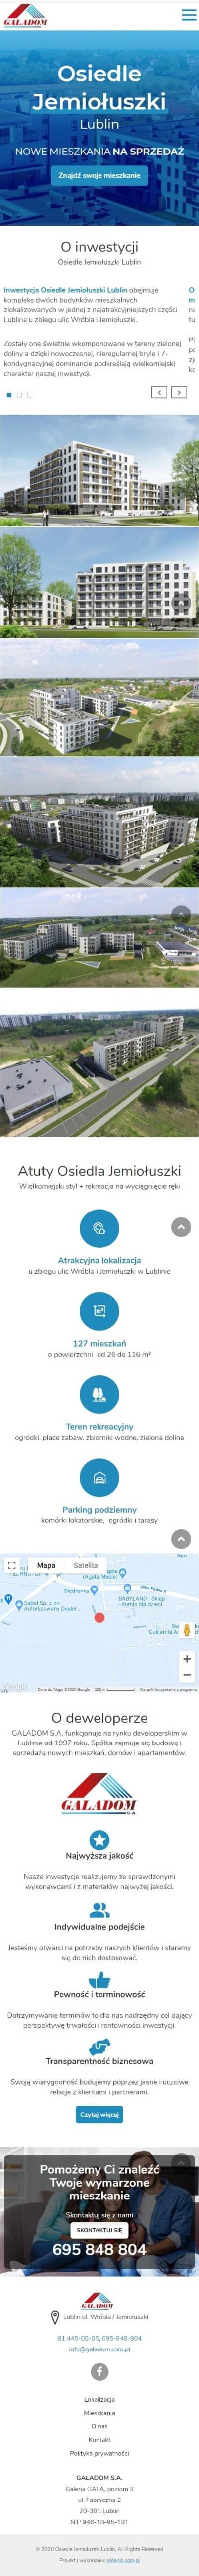 Strona internetowa jemioluszki.galadom.pl - zrzut mobile